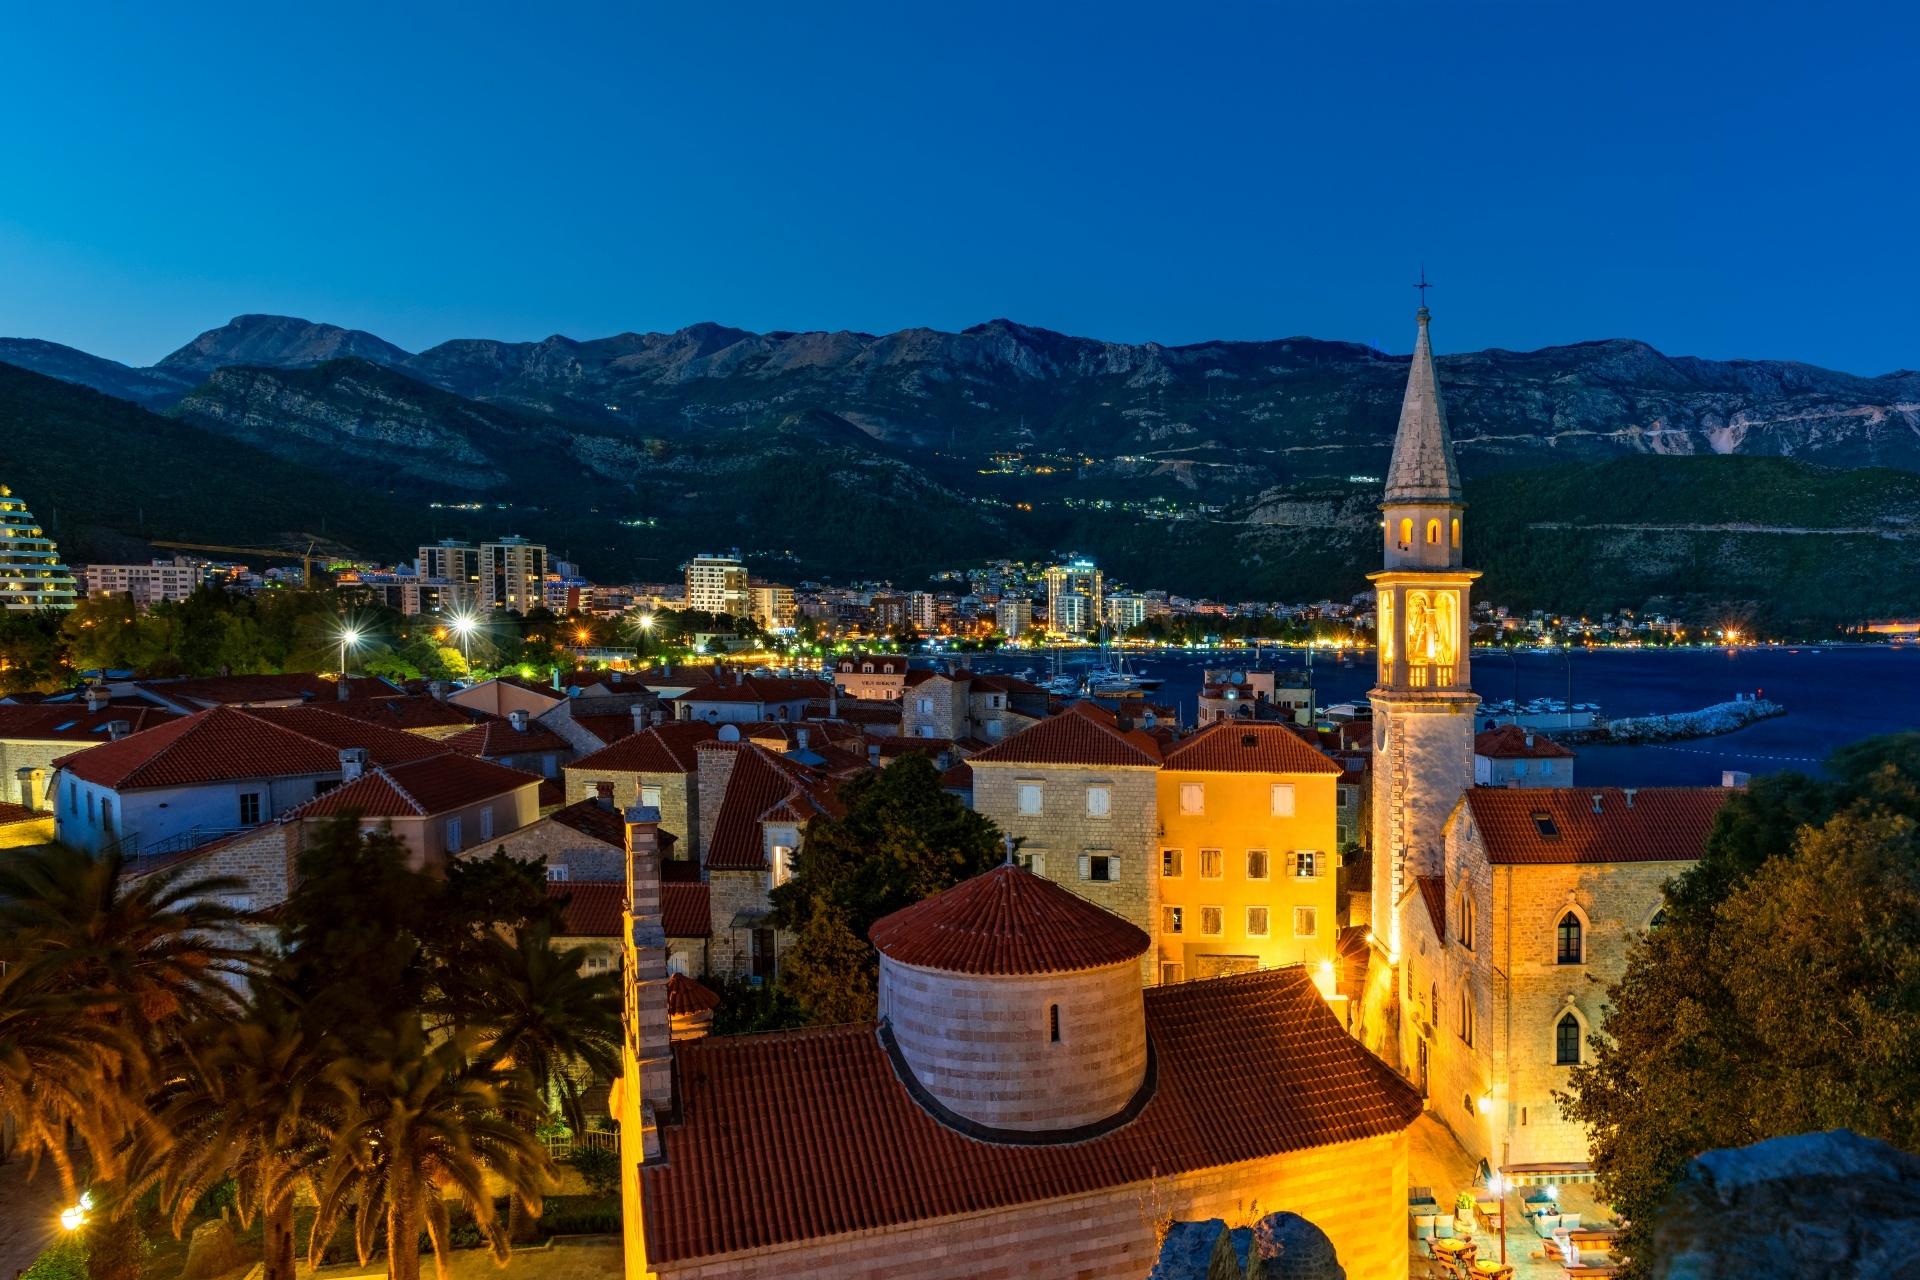 ブドヴァ旧市街とルカ湾の夜景 モンテネグロの風景